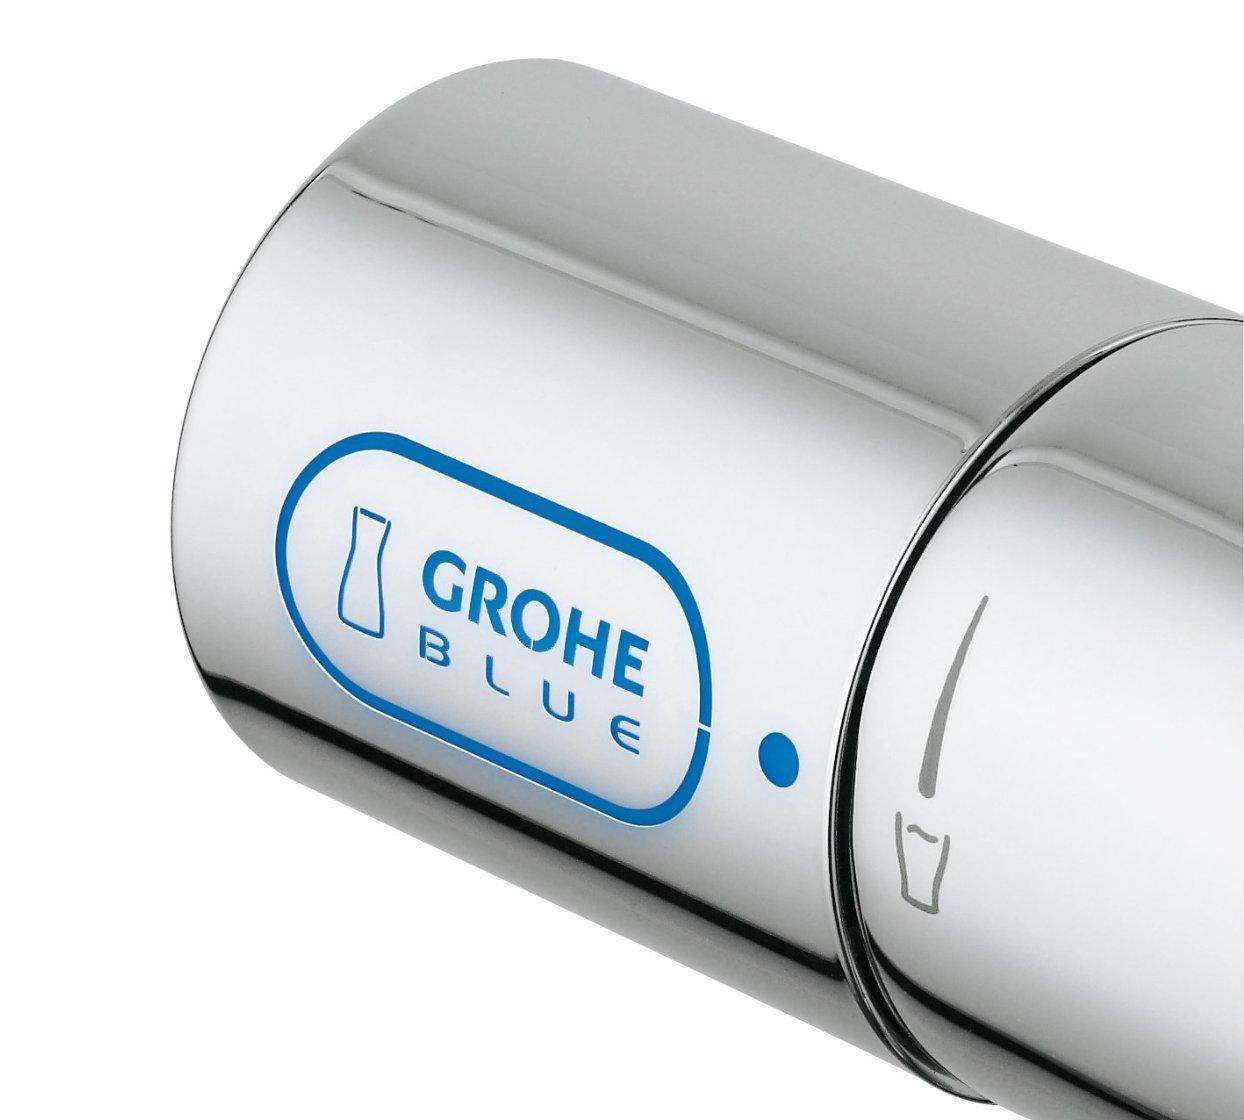 Рукоятка для переключения режимов подачи питьевой воды по отдельному шлангу в излив кухонного смесителя GROHE Blue® Chilled & Sparkling